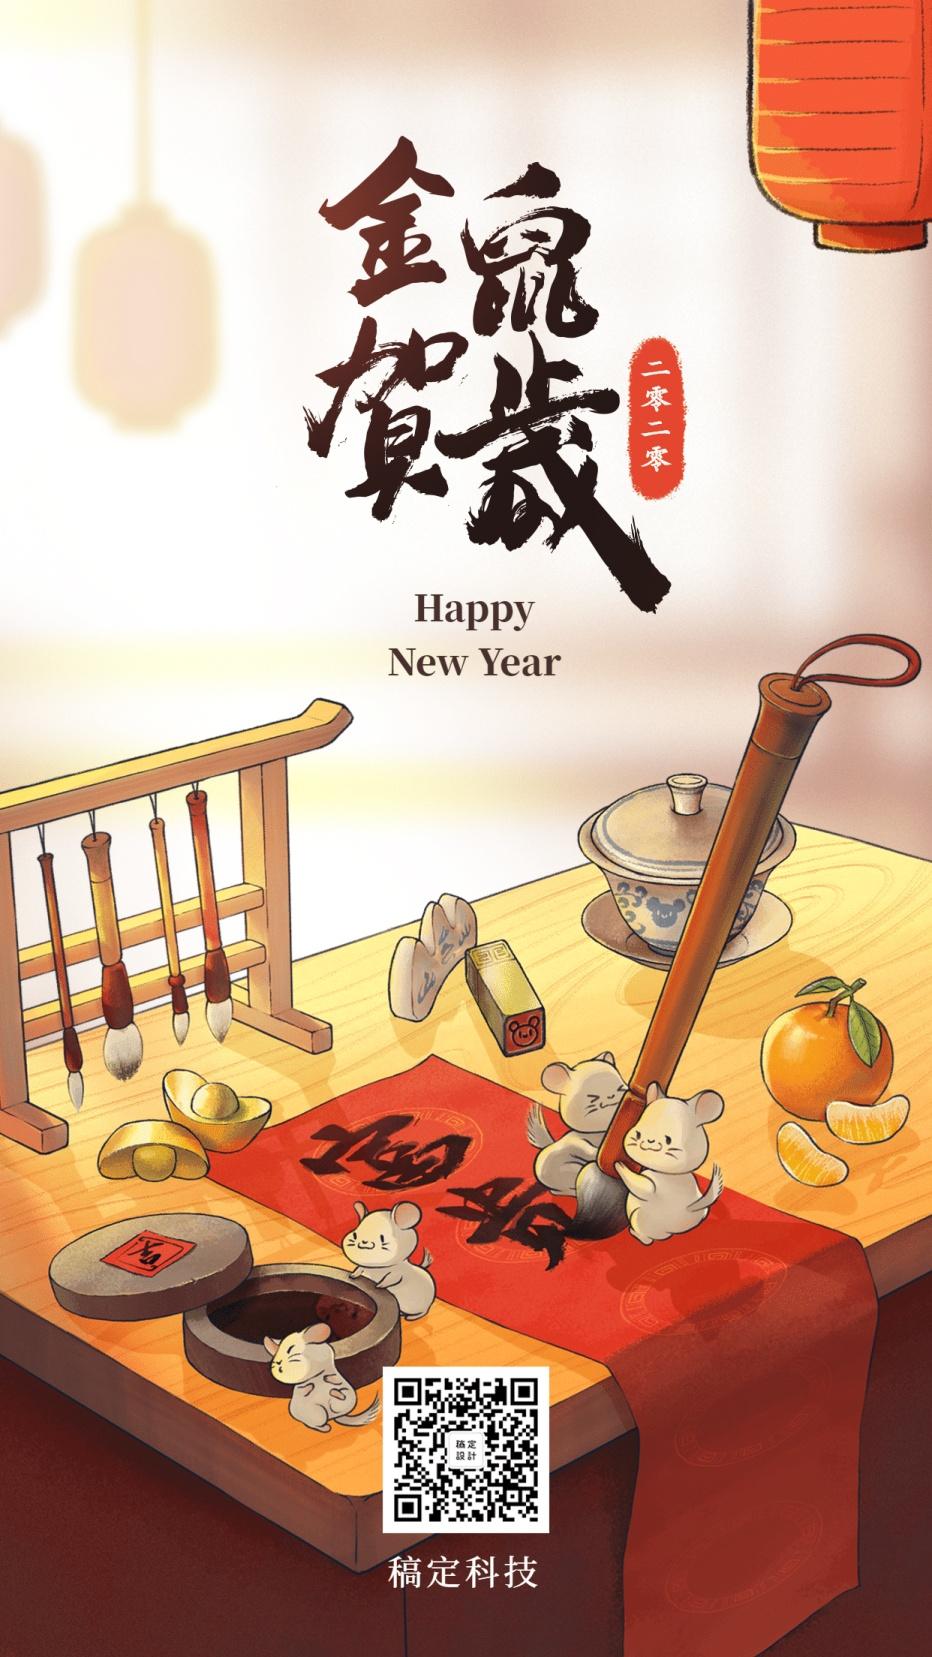 春节鼠年新春祝福可爱老鼠对联中国风手机海报